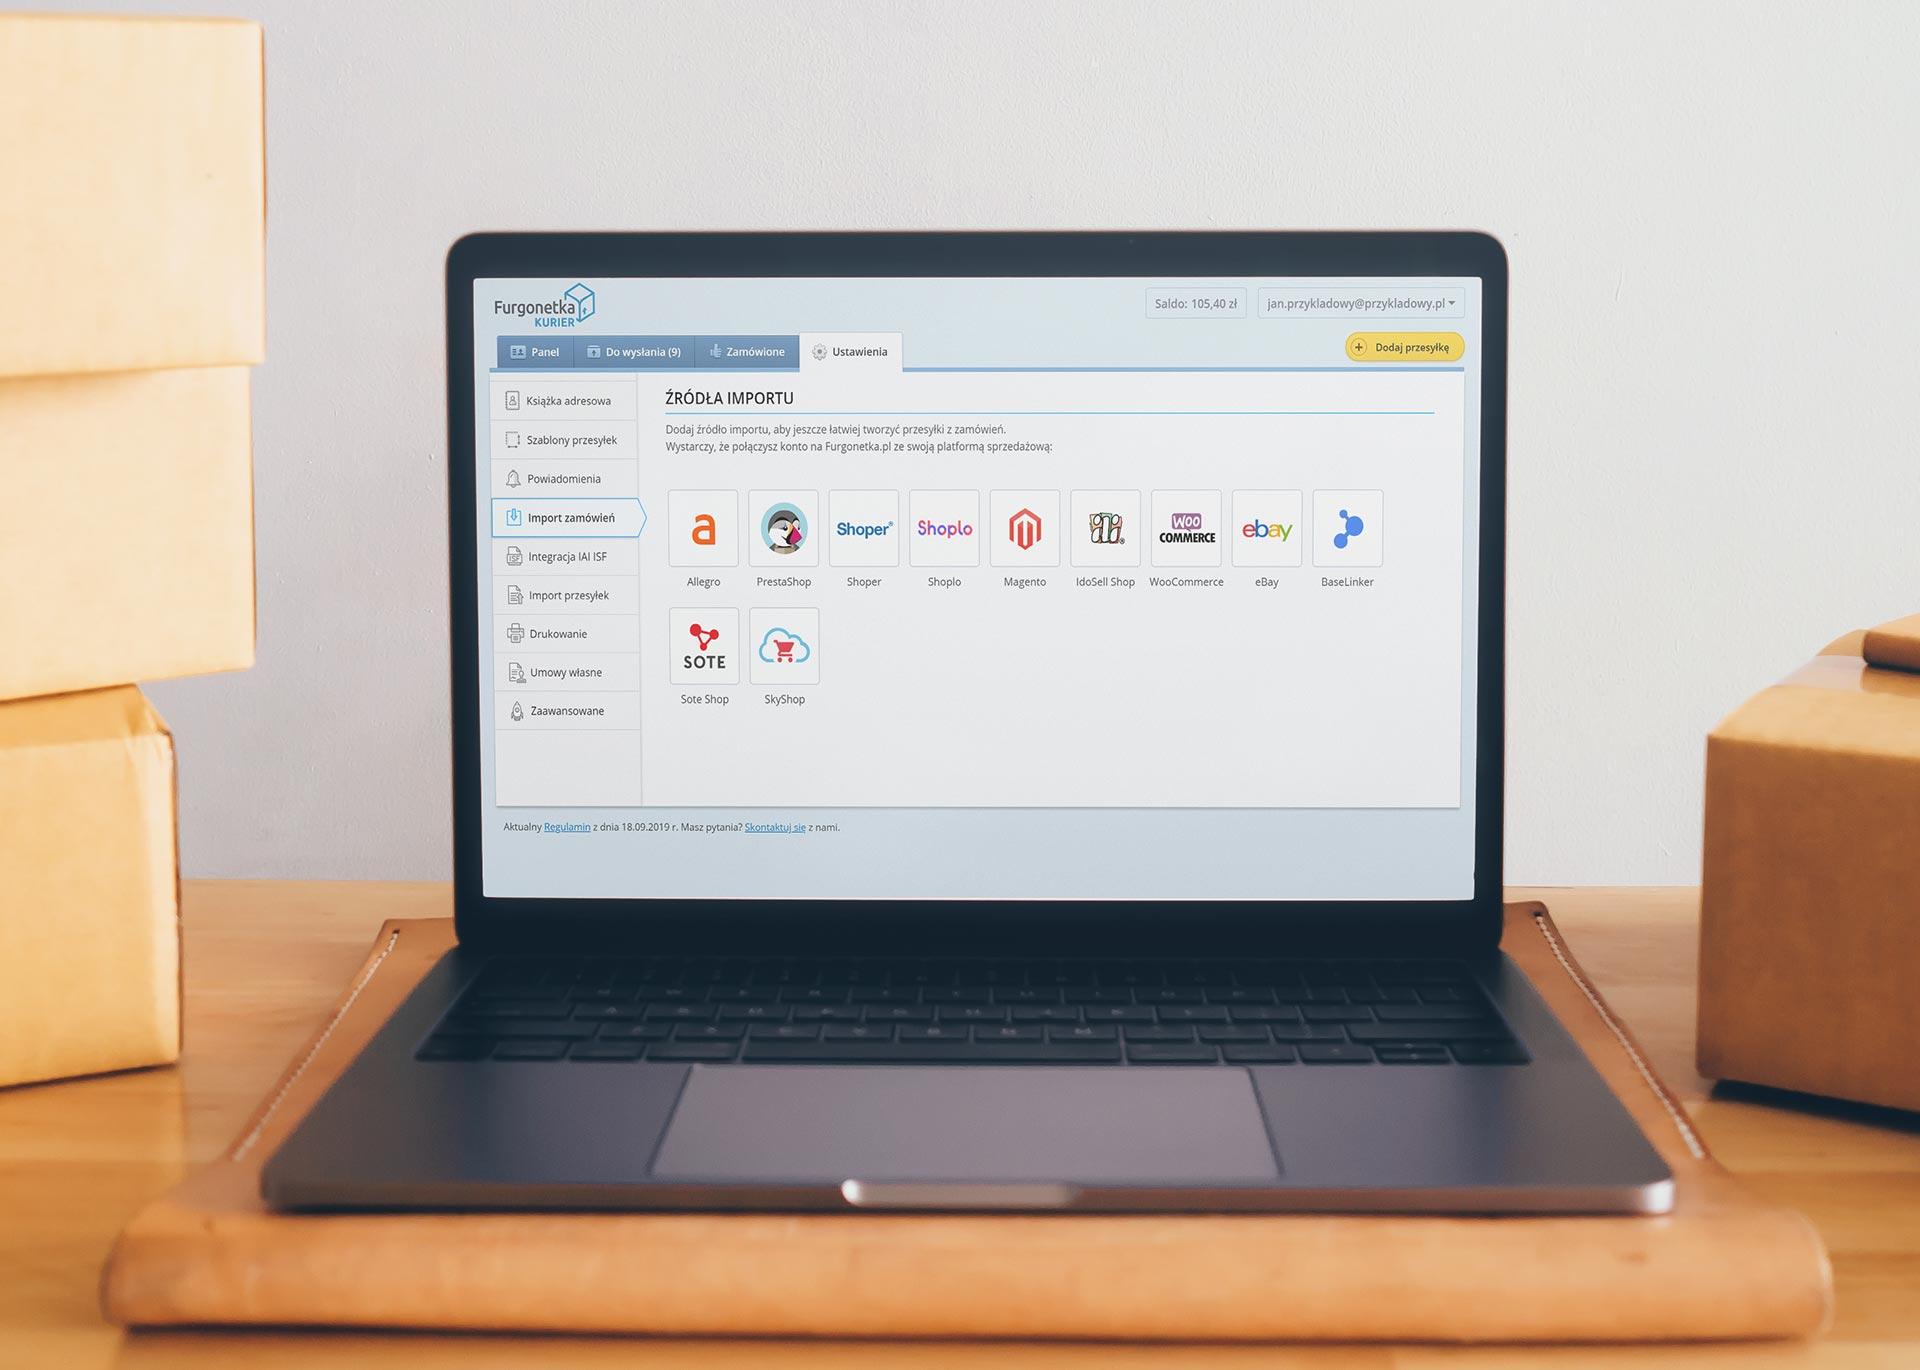 Dodaliśmy platformę SkyShop do źródeł sprzedaży na Furgonetka.pl